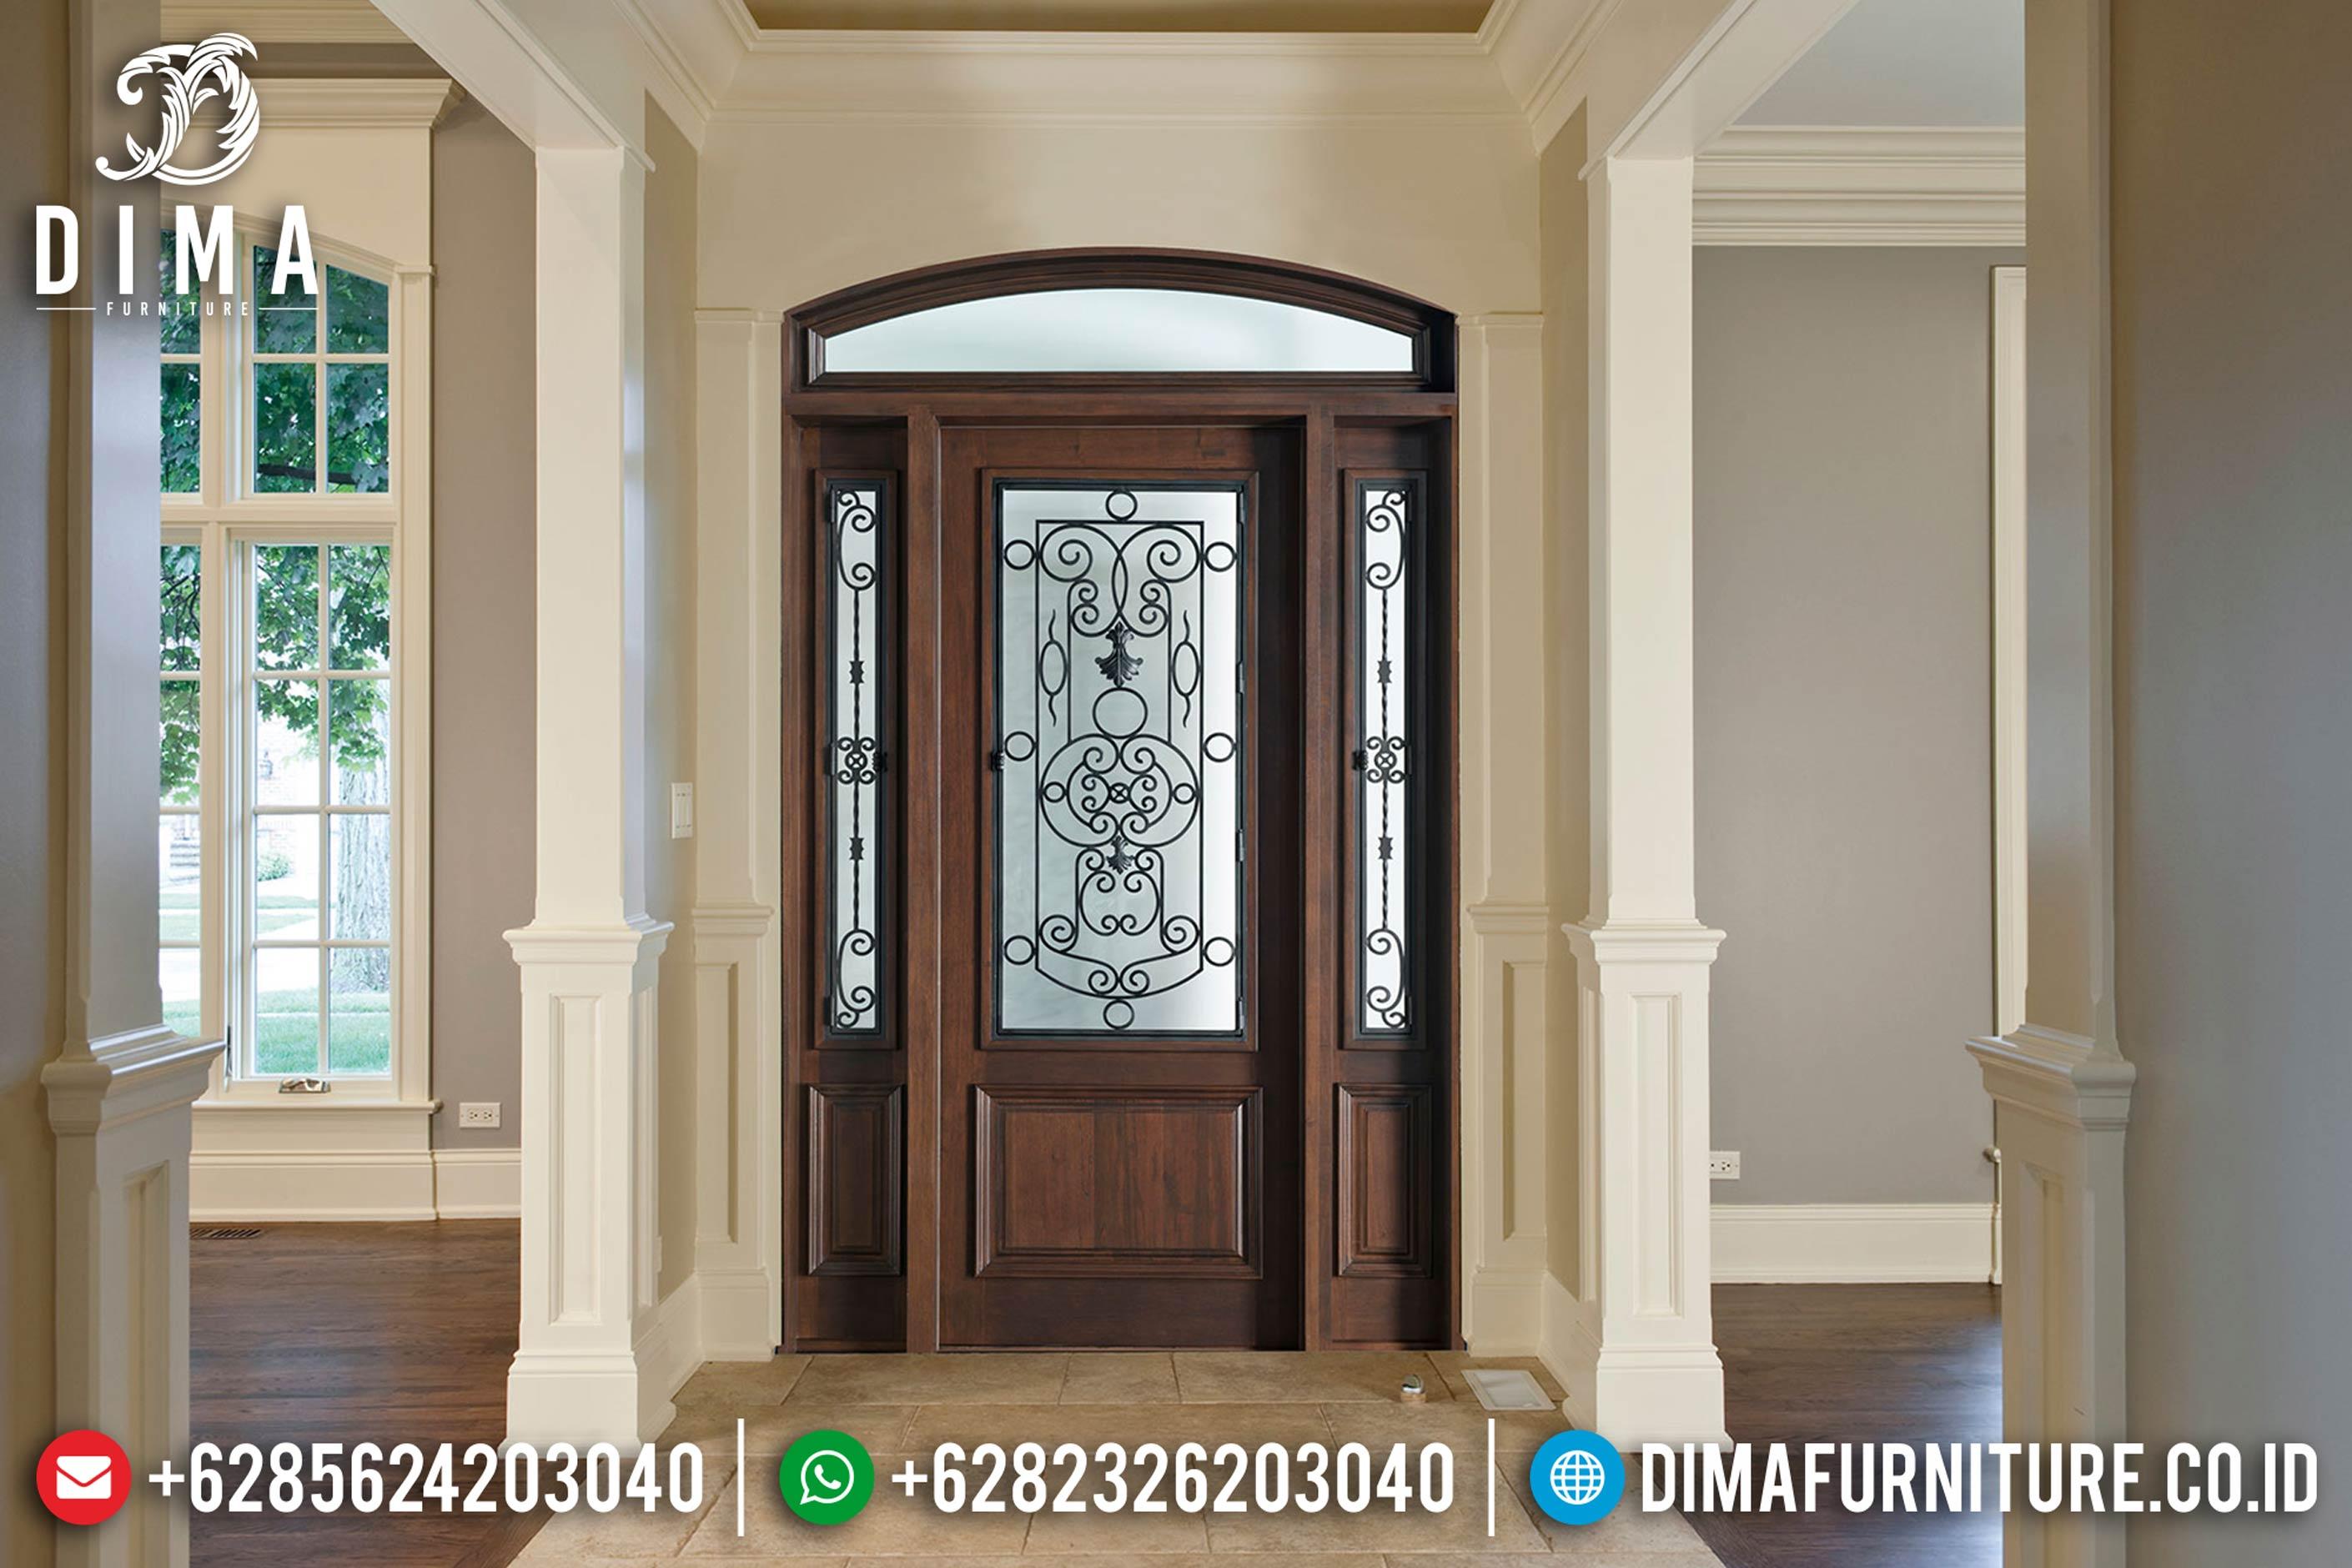 Pintu Rumah Mewah Jepara, Kusen Pintu Murah, Pintu Rumah Jati DF-0821